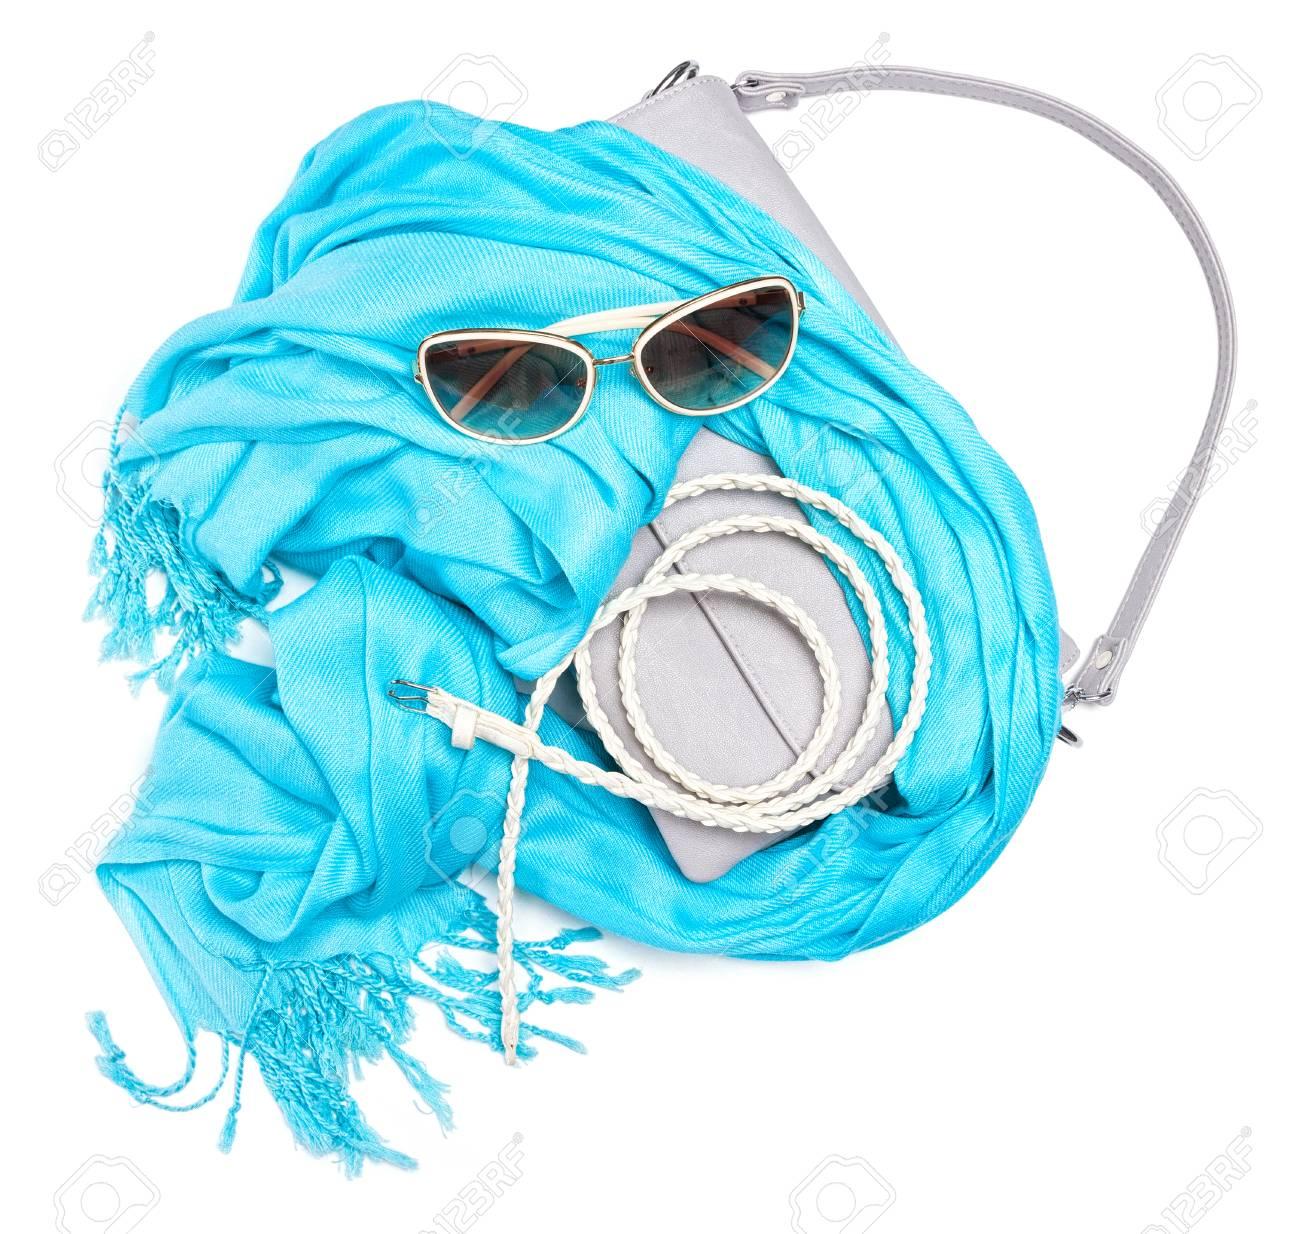 c73a61cad3 Conjunto de bellos accesorios de moda para las mujeres. bolso gris pequeña  con correa corta